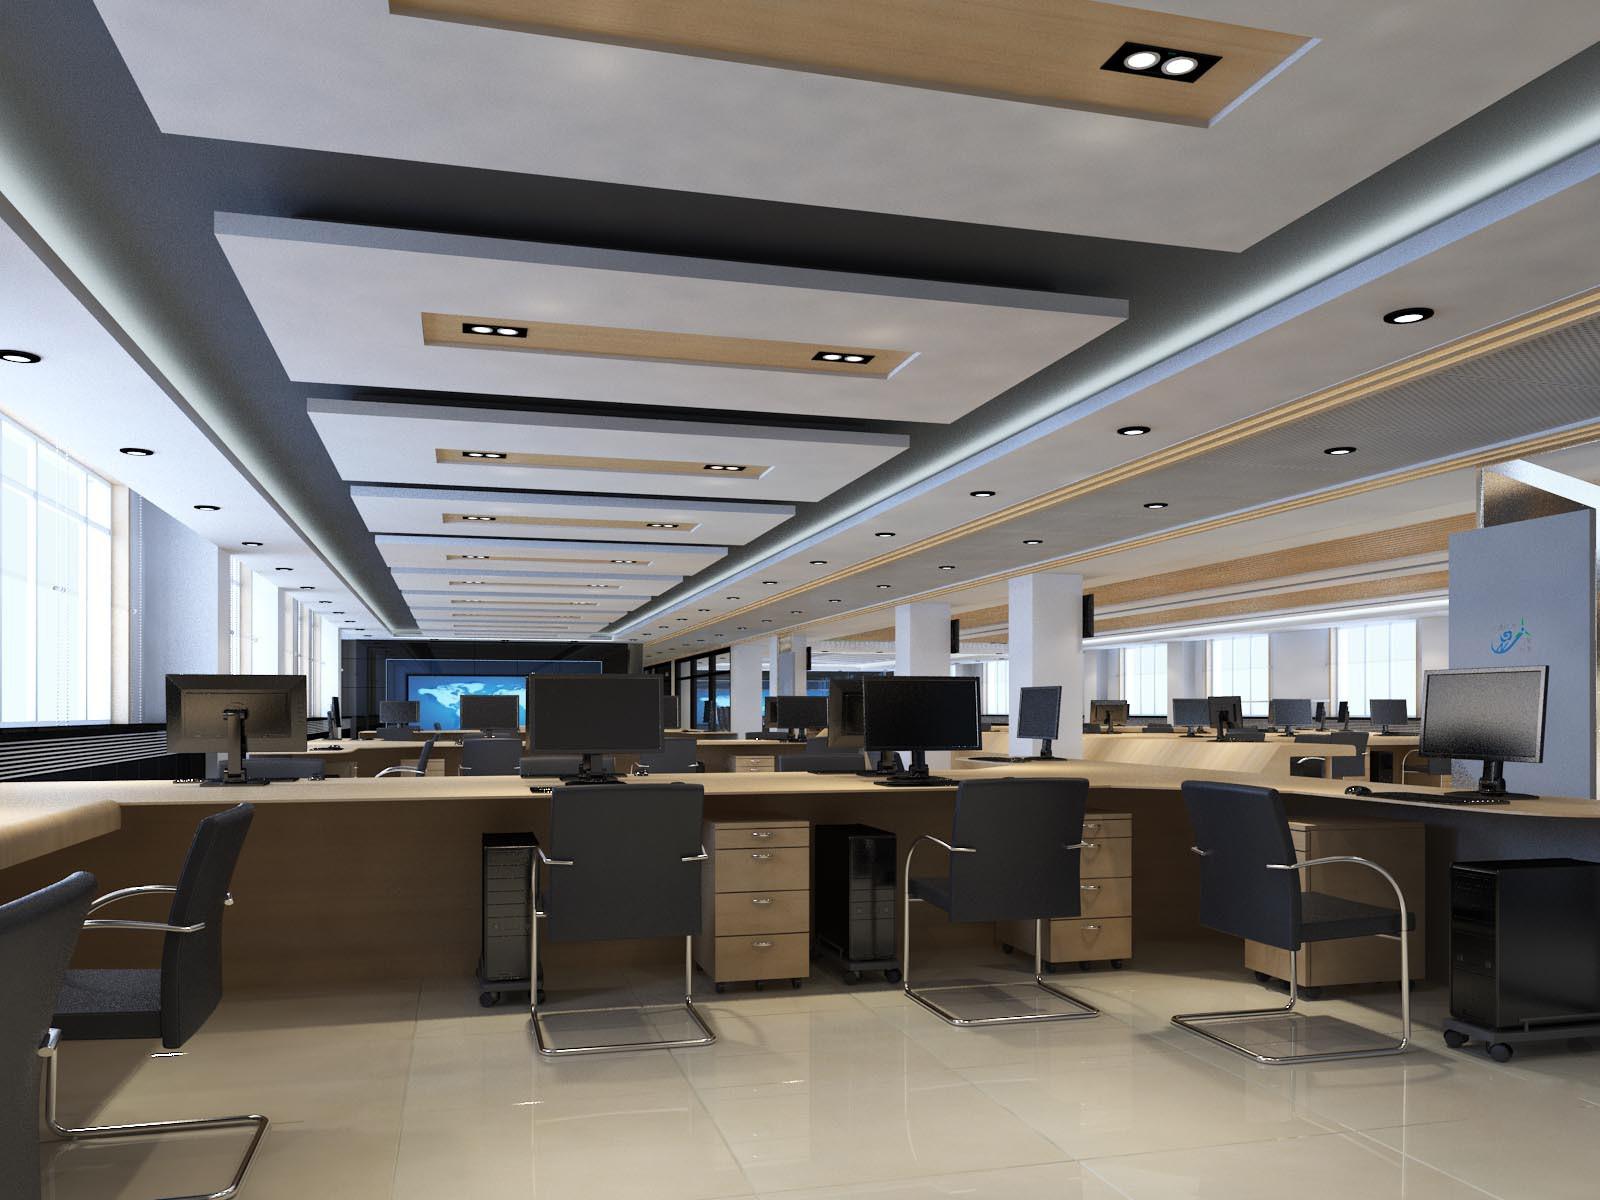 Office Room 3D model | CGTrader